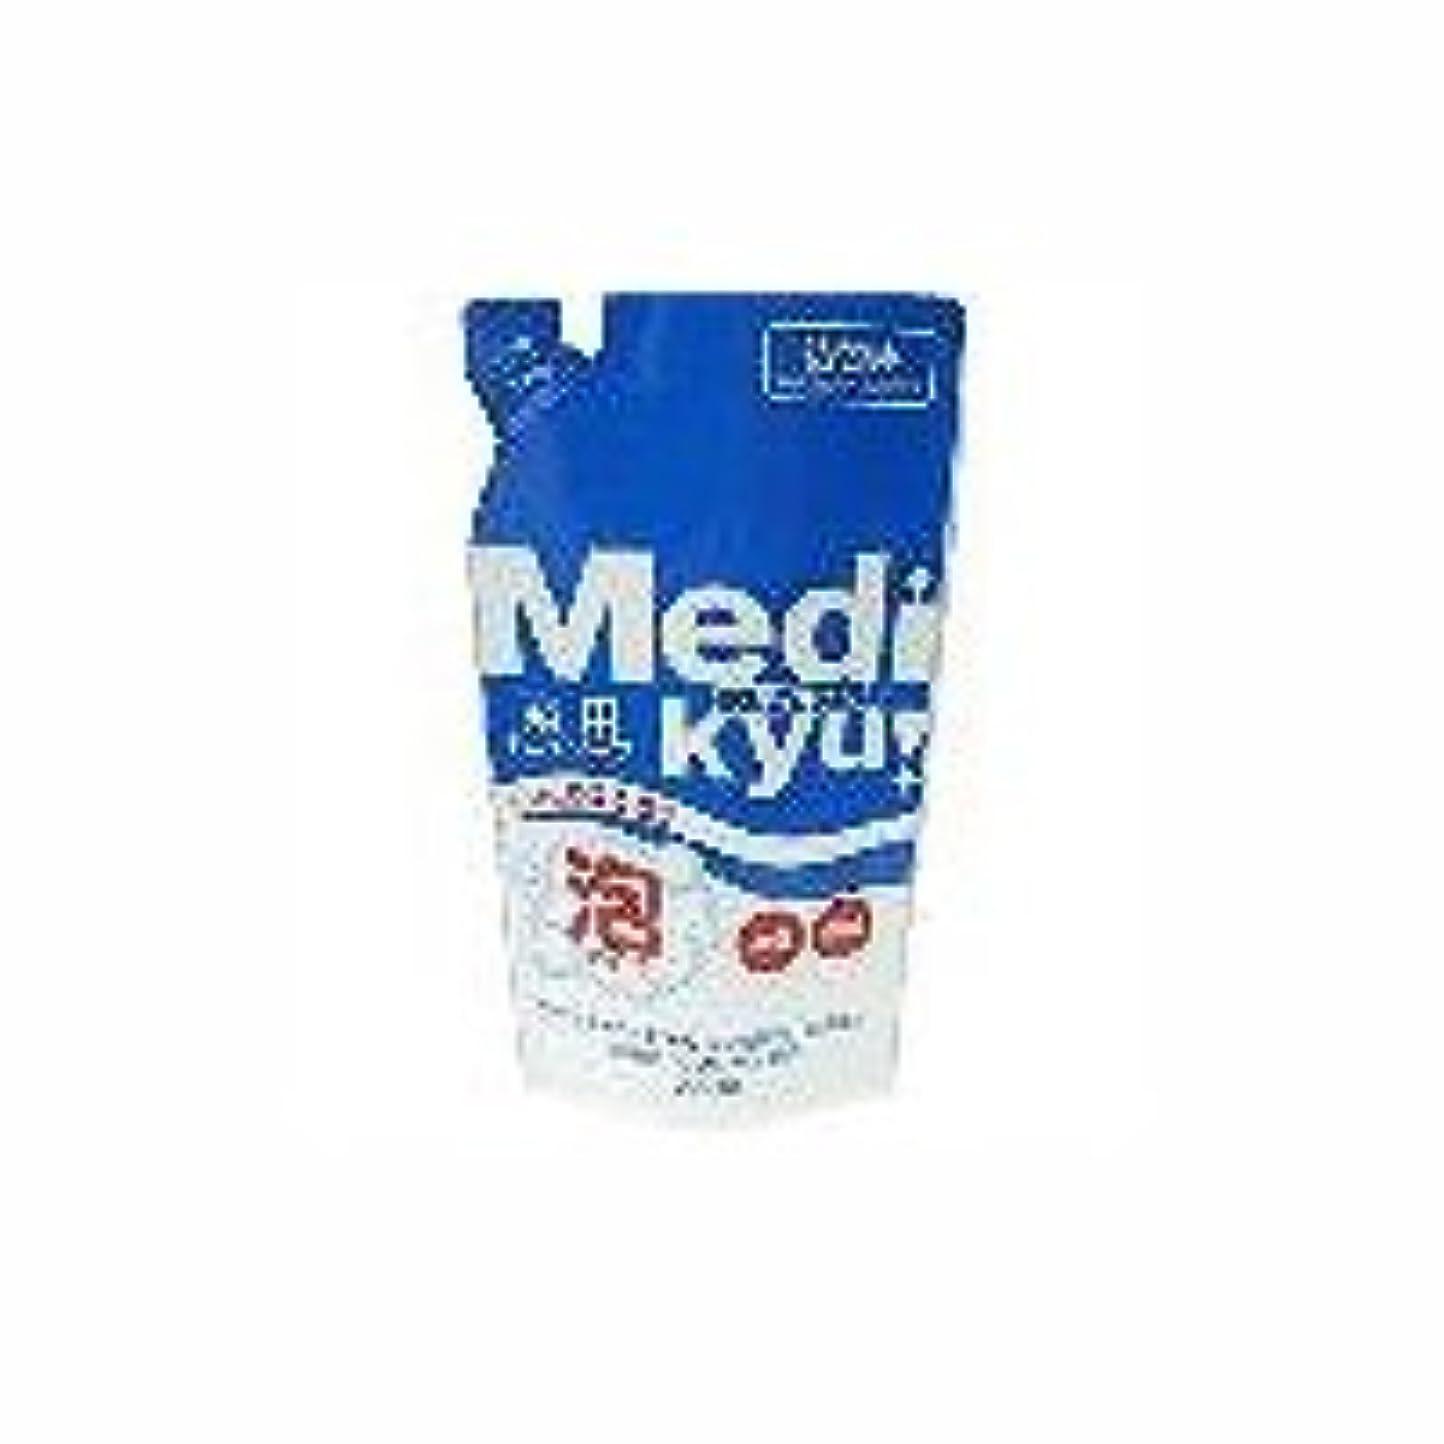 【ロケット石鹸】詰替用メディキュ泡ハンドソープ 200ml ※医薬部外品 ×5個セット